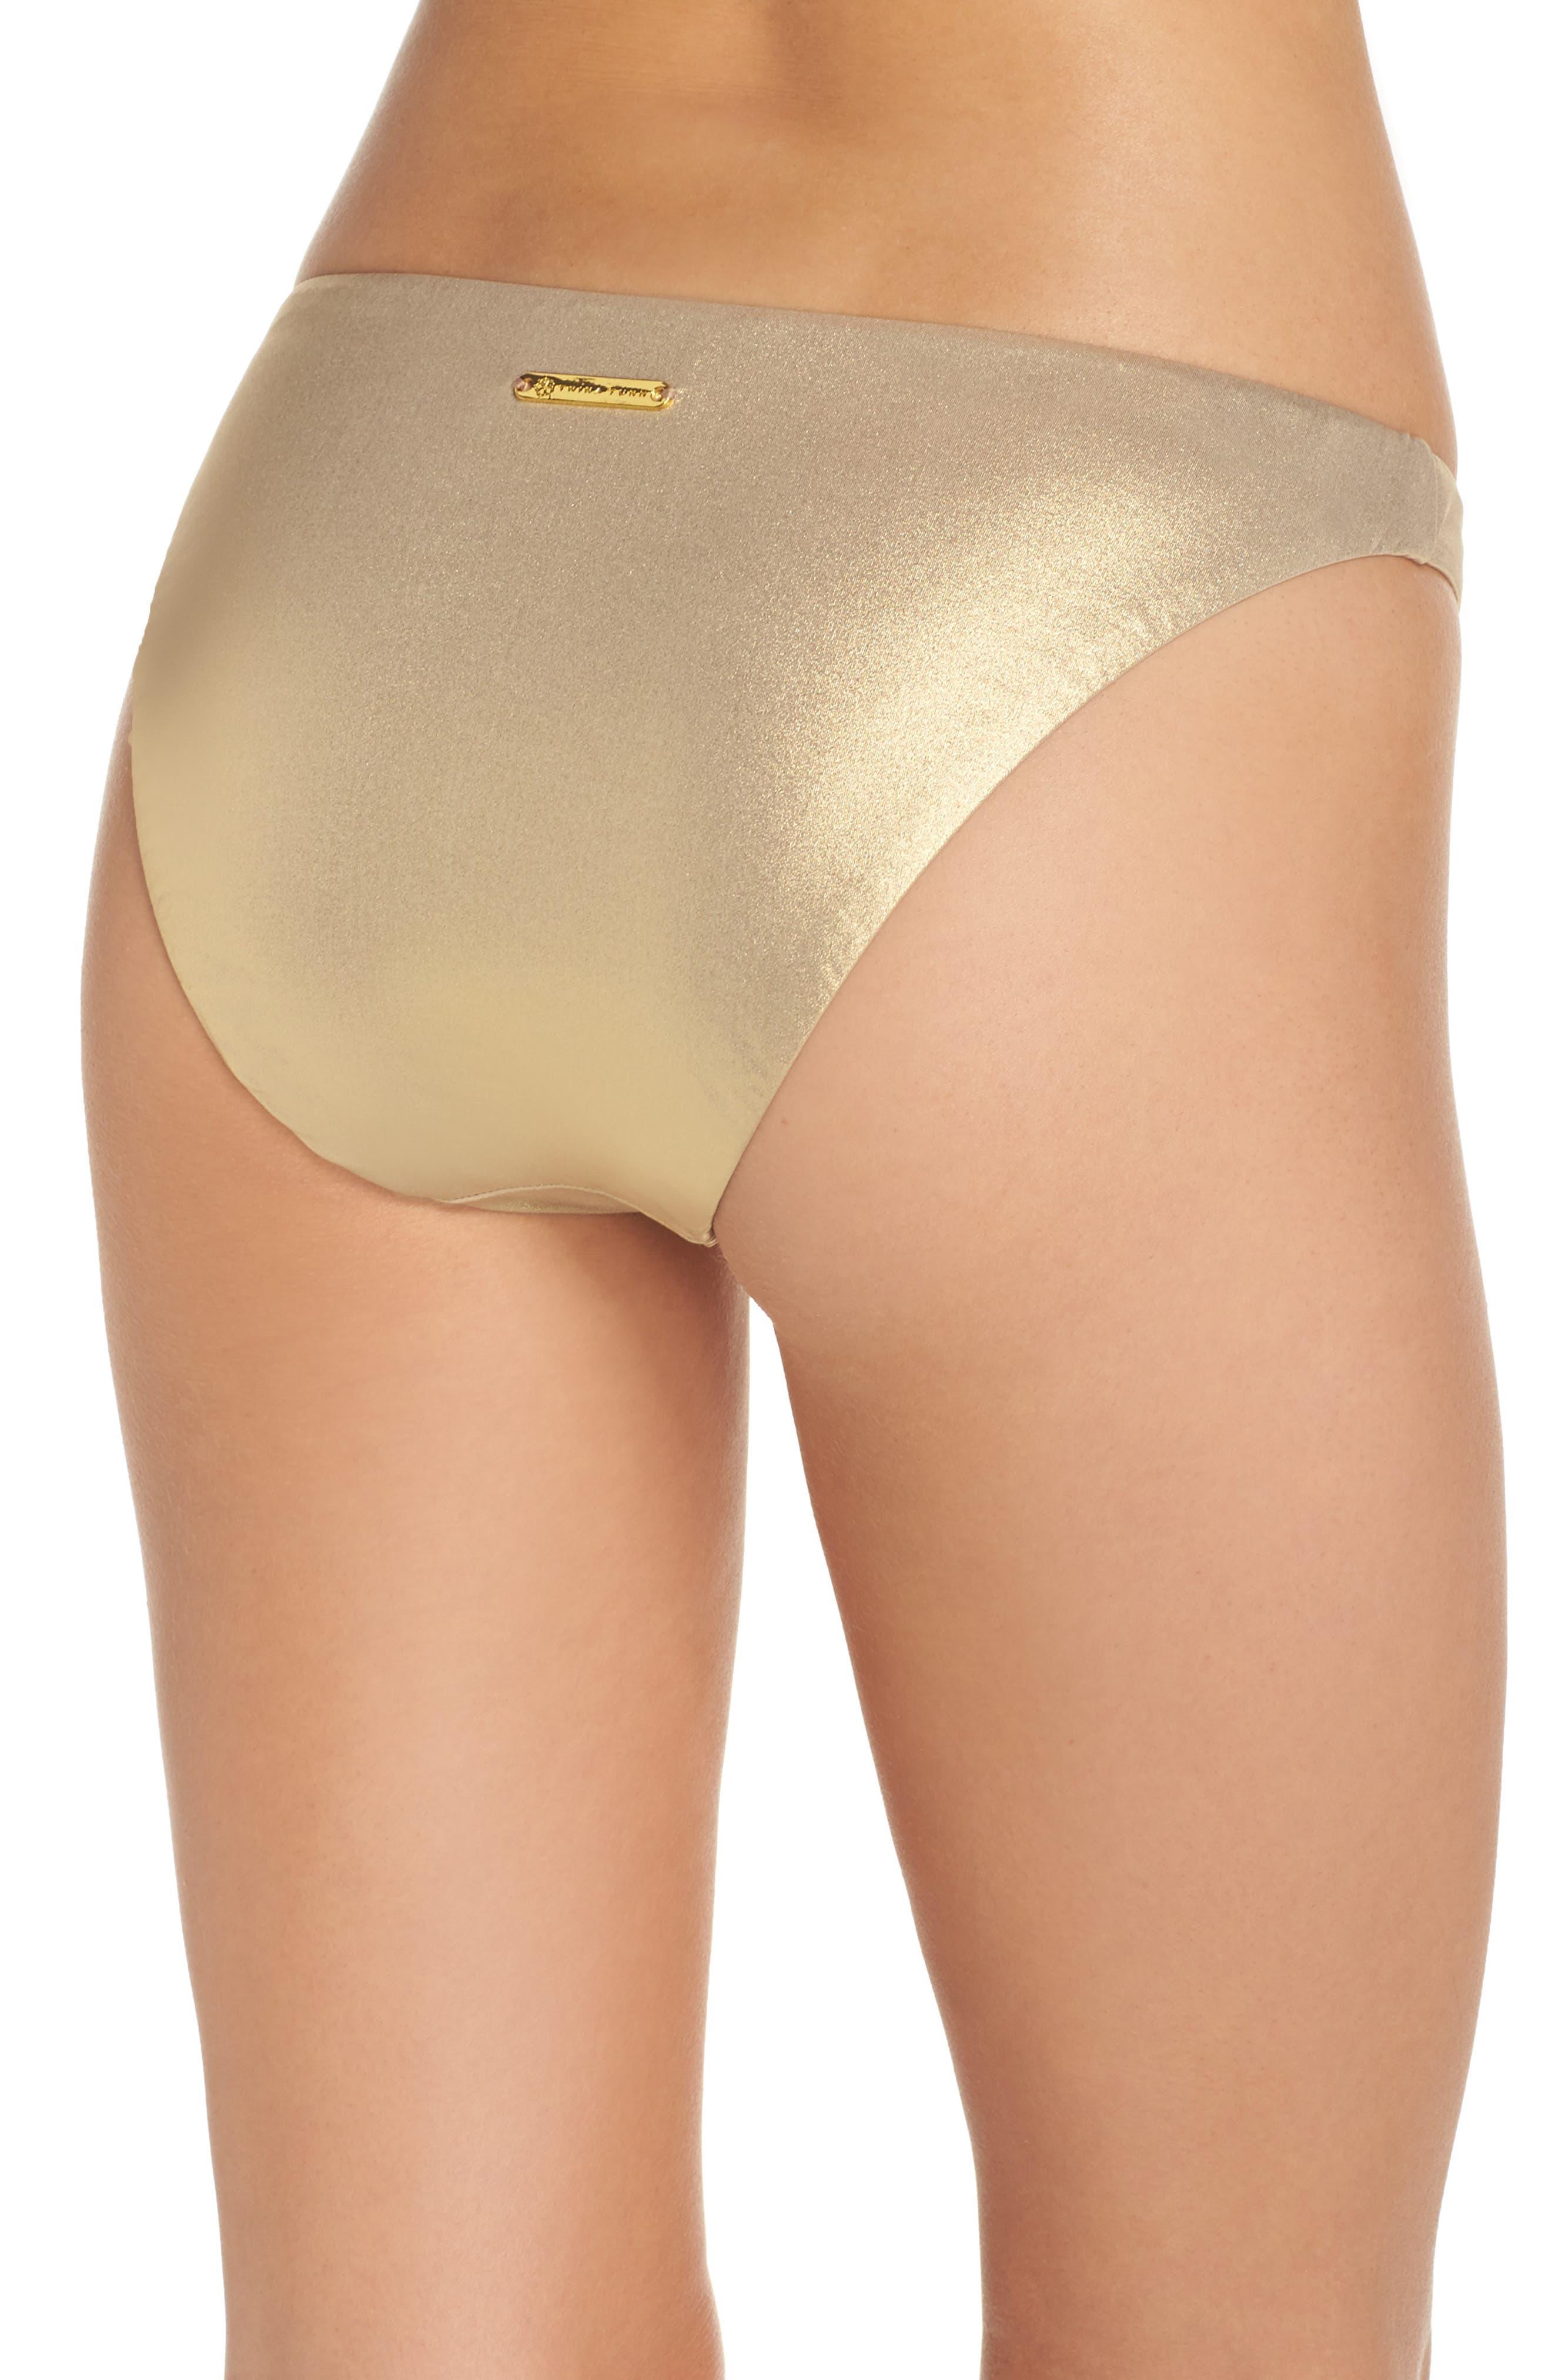 Golden Medallion Bikini Bottoms,                             Alternate thumbnail 2, color,                             Gold